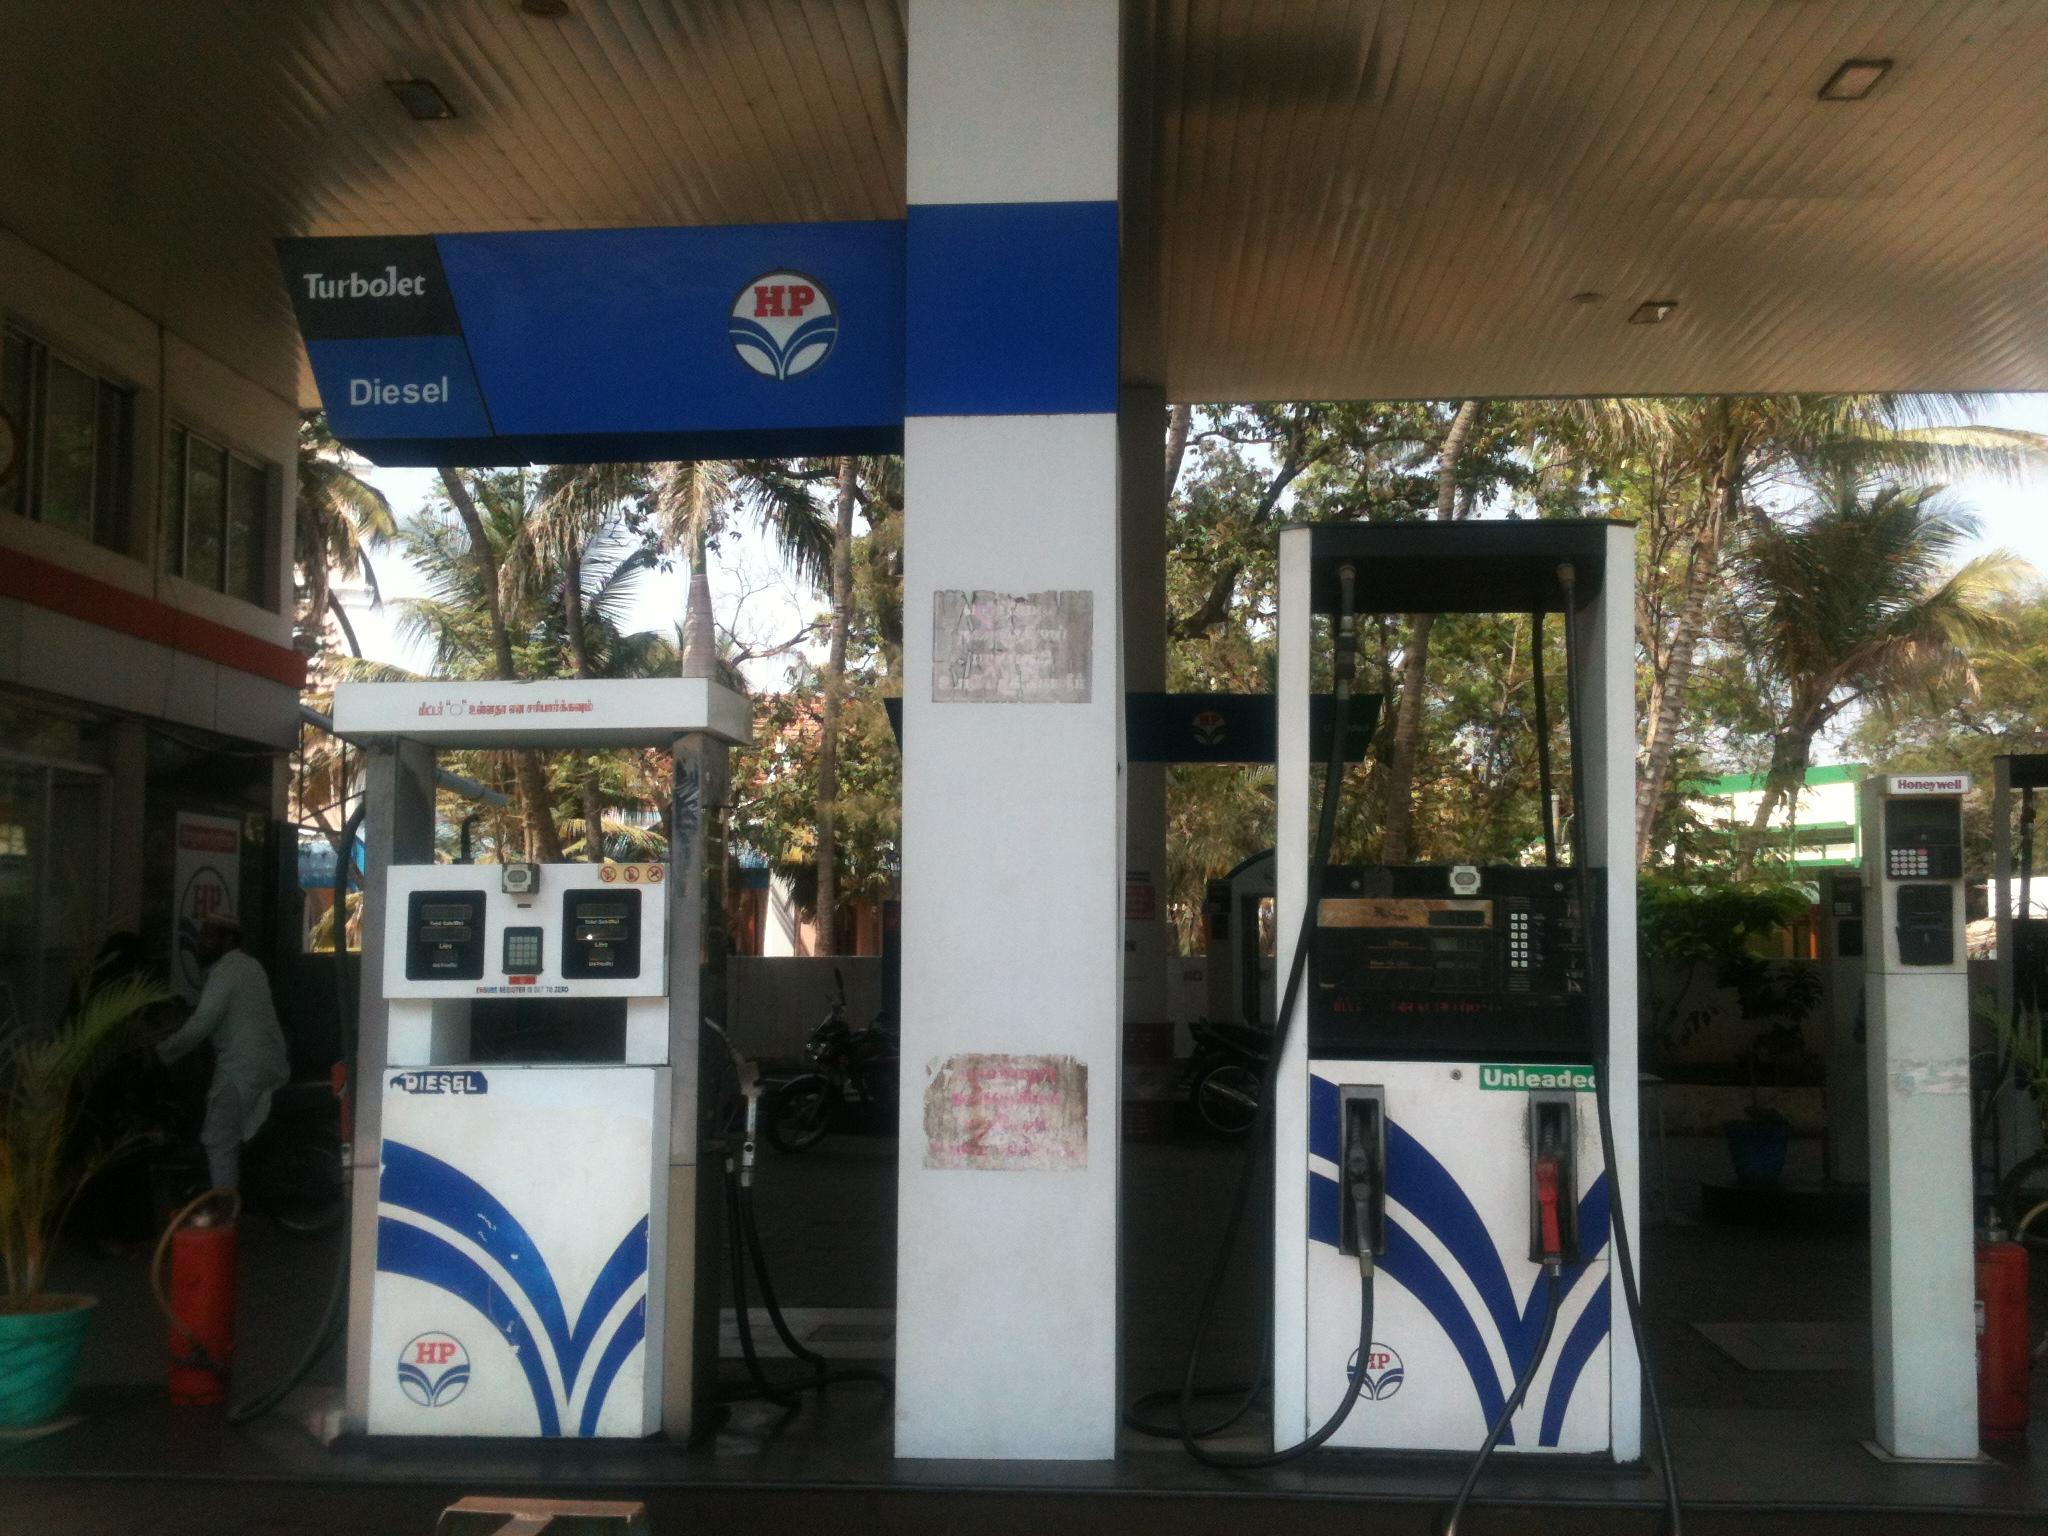 AEGIS Gas Station